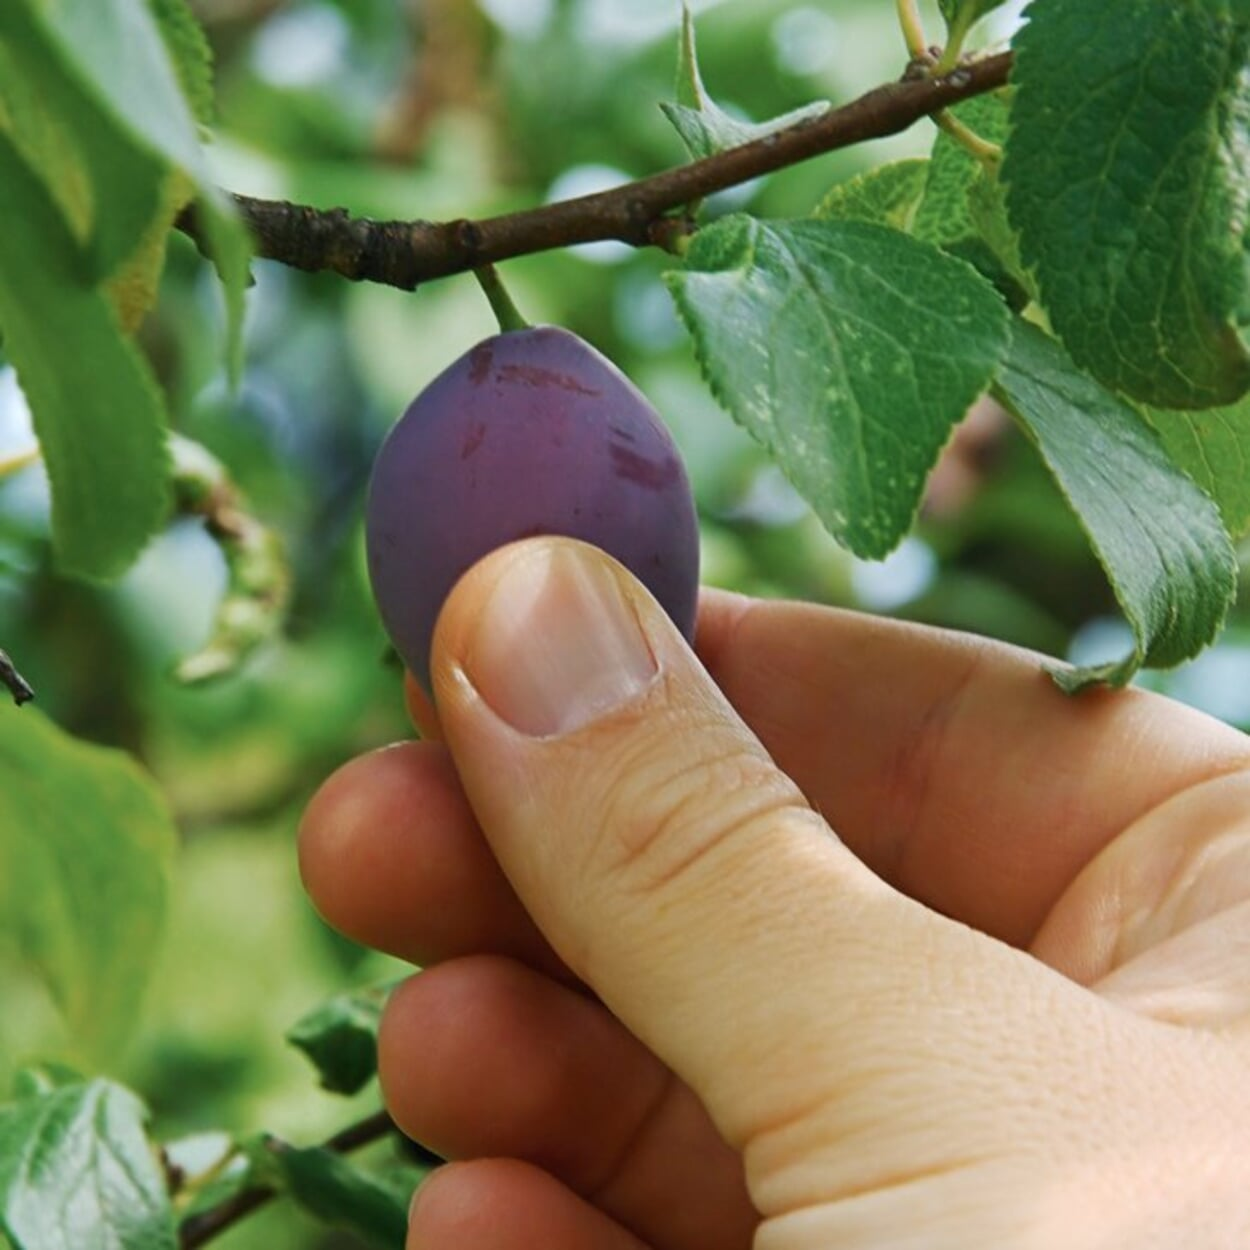 Bei Pflaumen den optimalen Erntezeitpunkt durch Drücken der Frucht testen